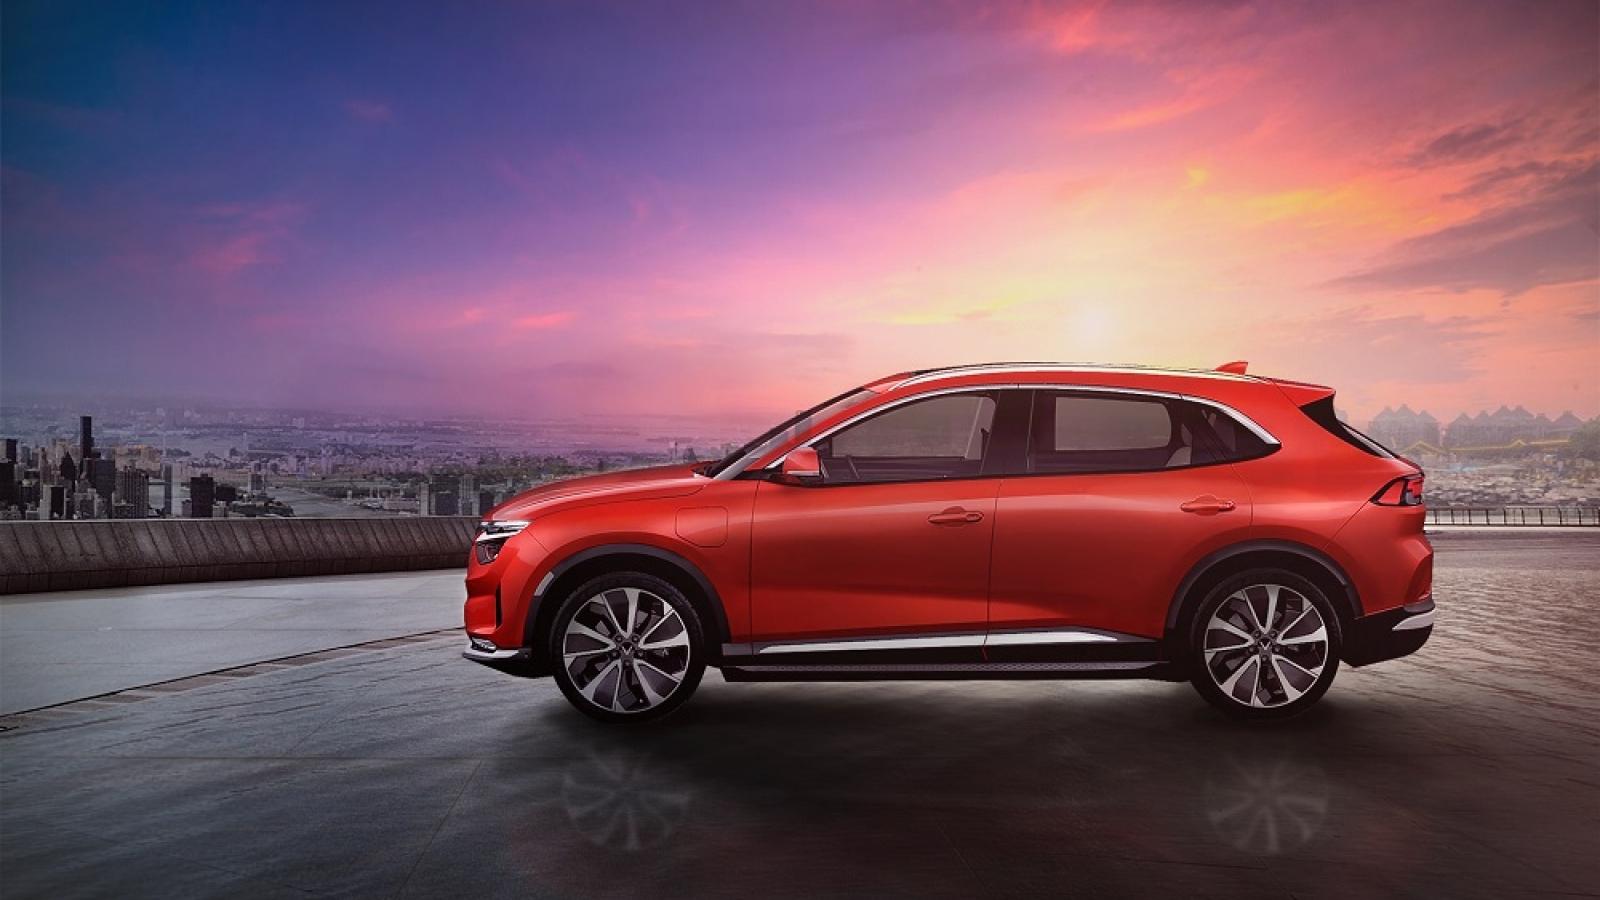 """Chuyên gia phân tích """"ẩn ý"""" trong 3 mẫu ô tô điện mới ra mắt của VinFast"""